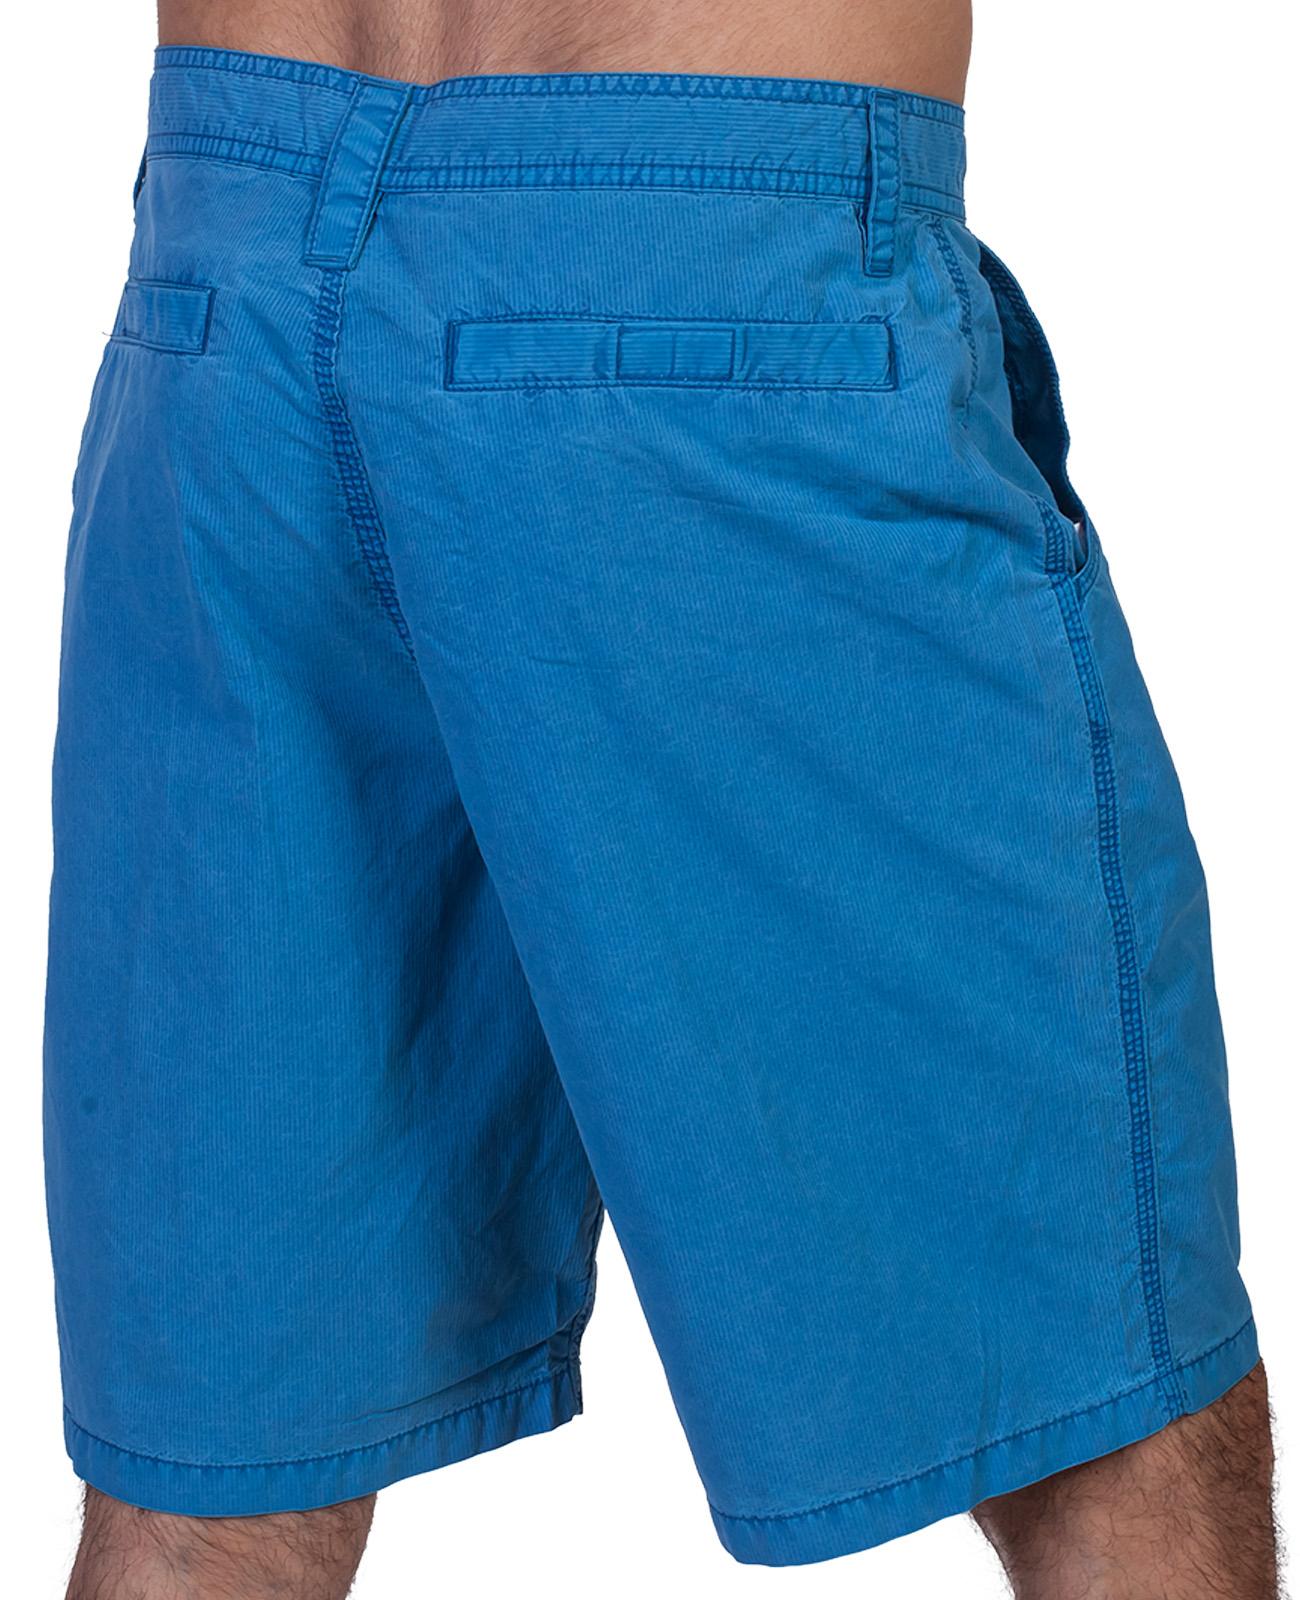 Недорогие шорты Guy Harvey для мужчин